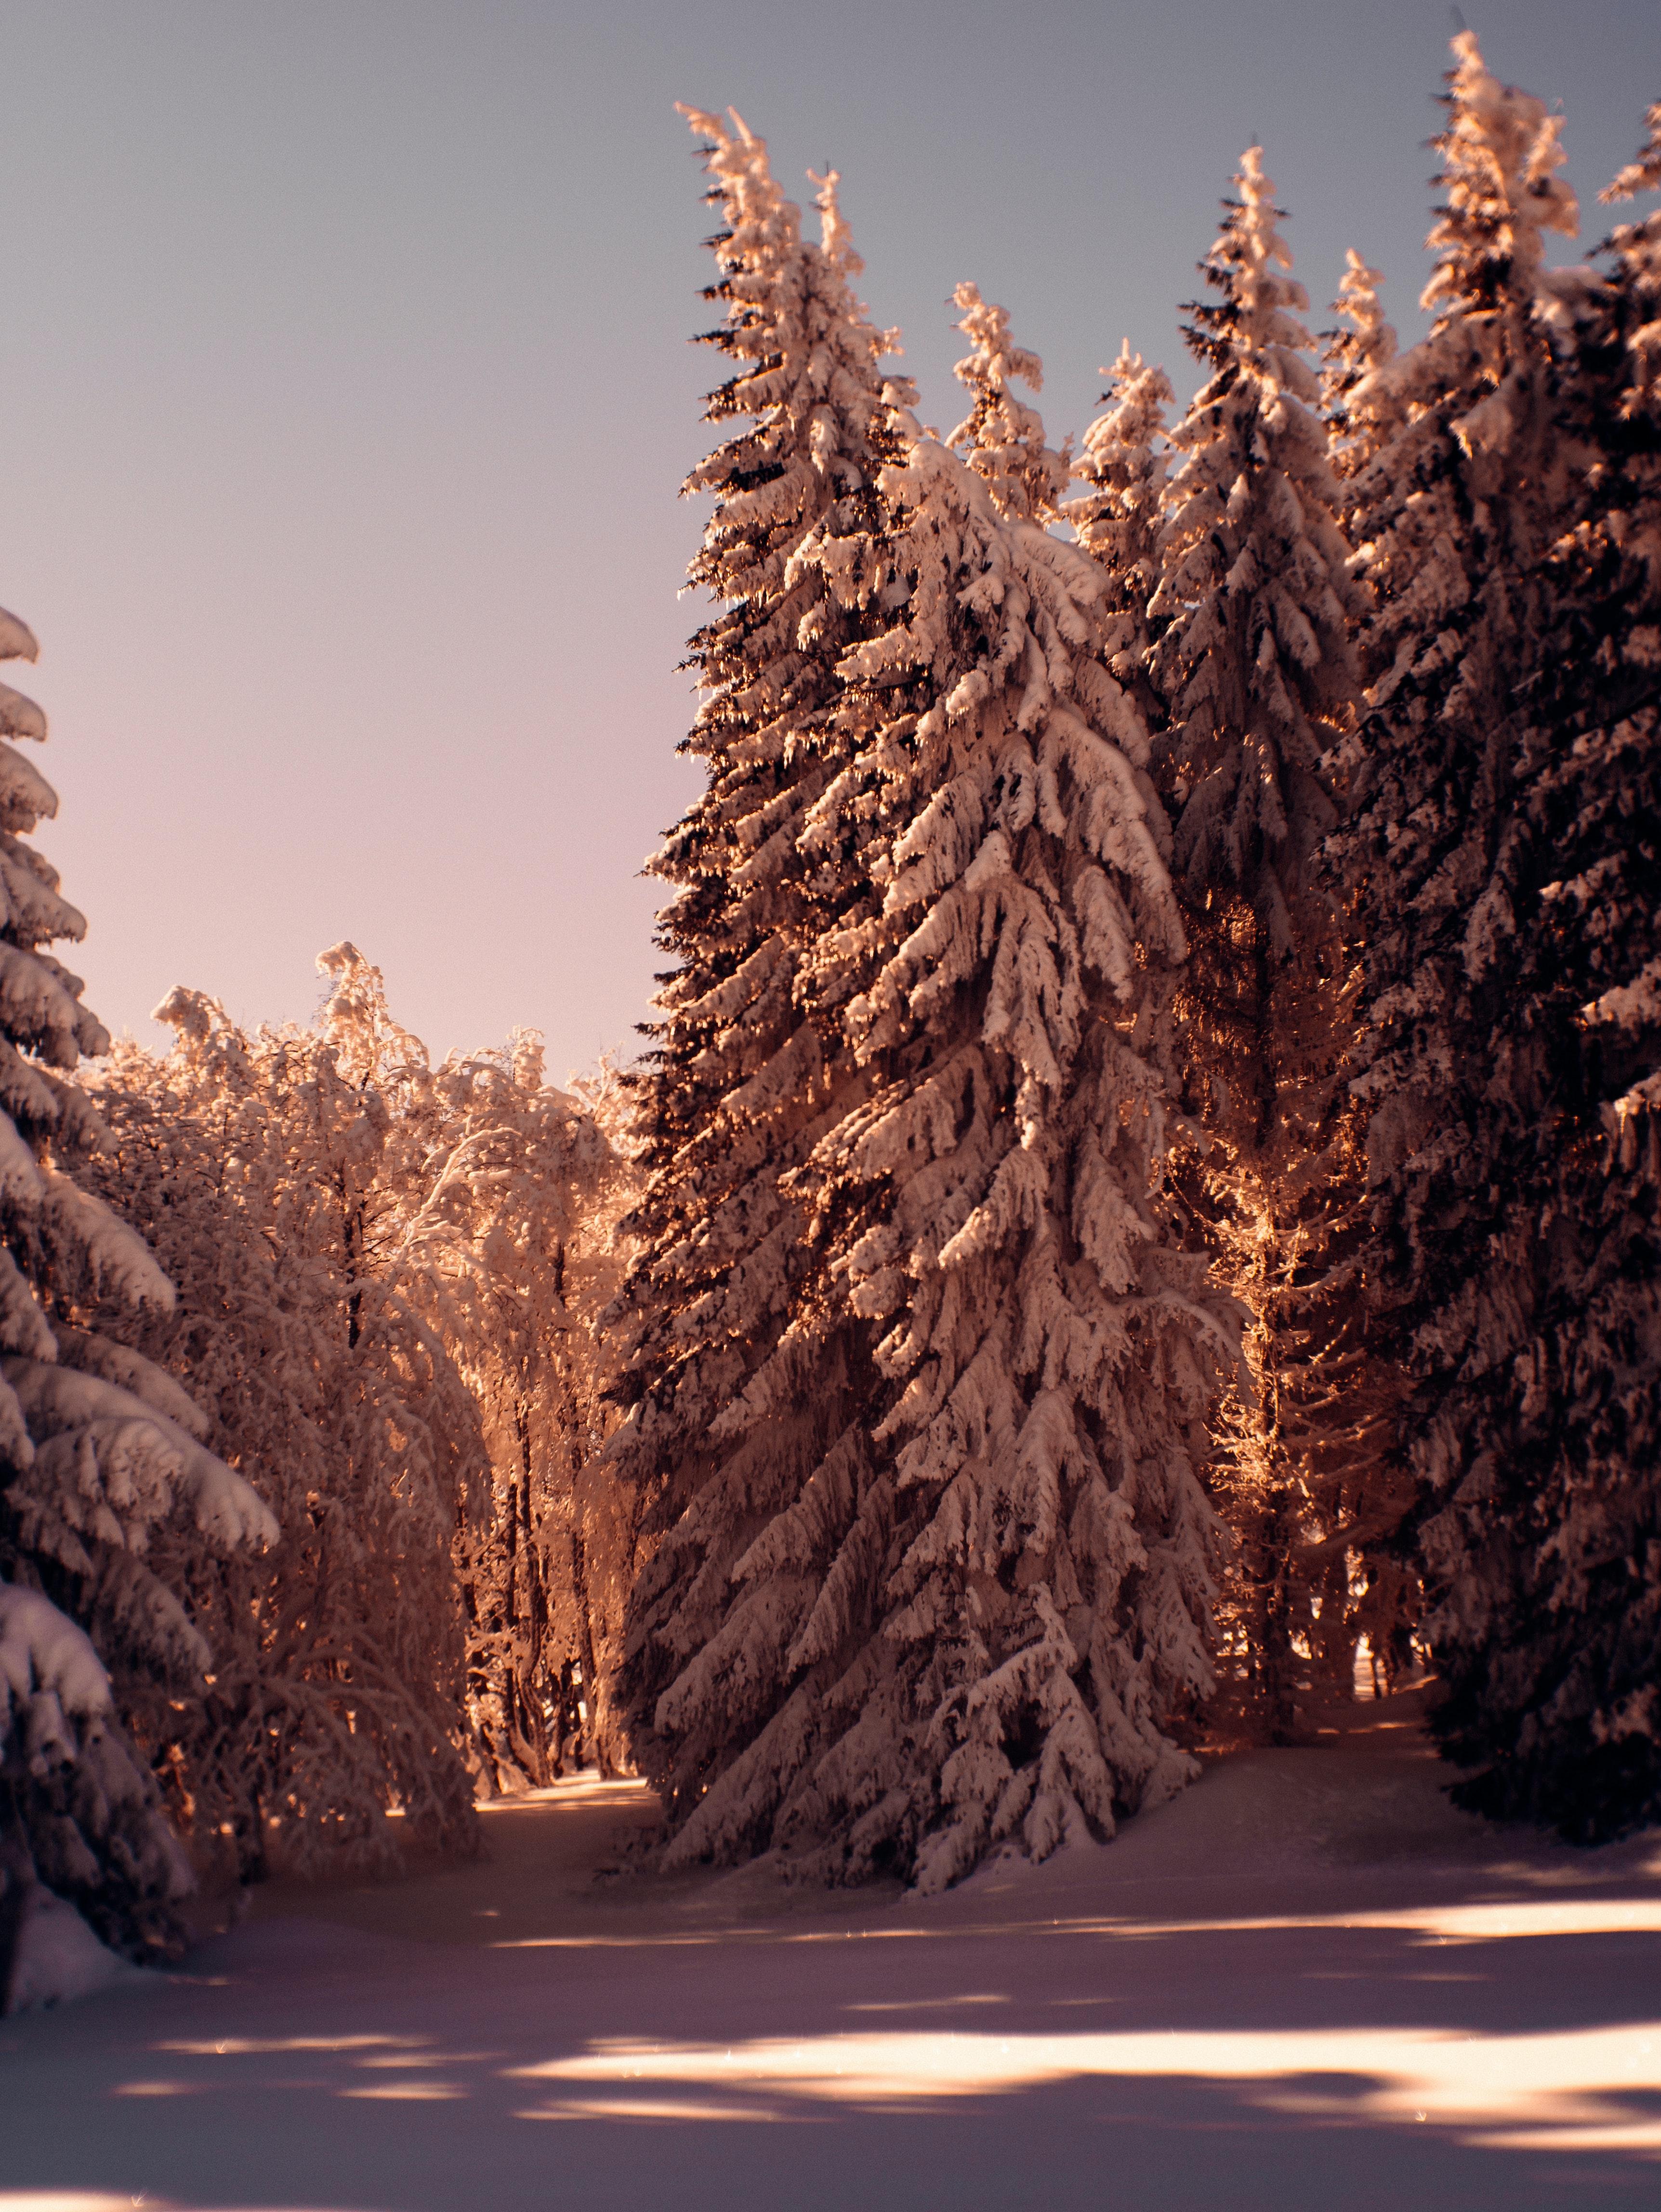 122859 fondo de pantalla 1920x1080 en tu teléfono gratis, descarga imágenes Bosque, Árboles, Nieve, Invierno, Naturaleza, Pino 1920x1080 en tu móvil